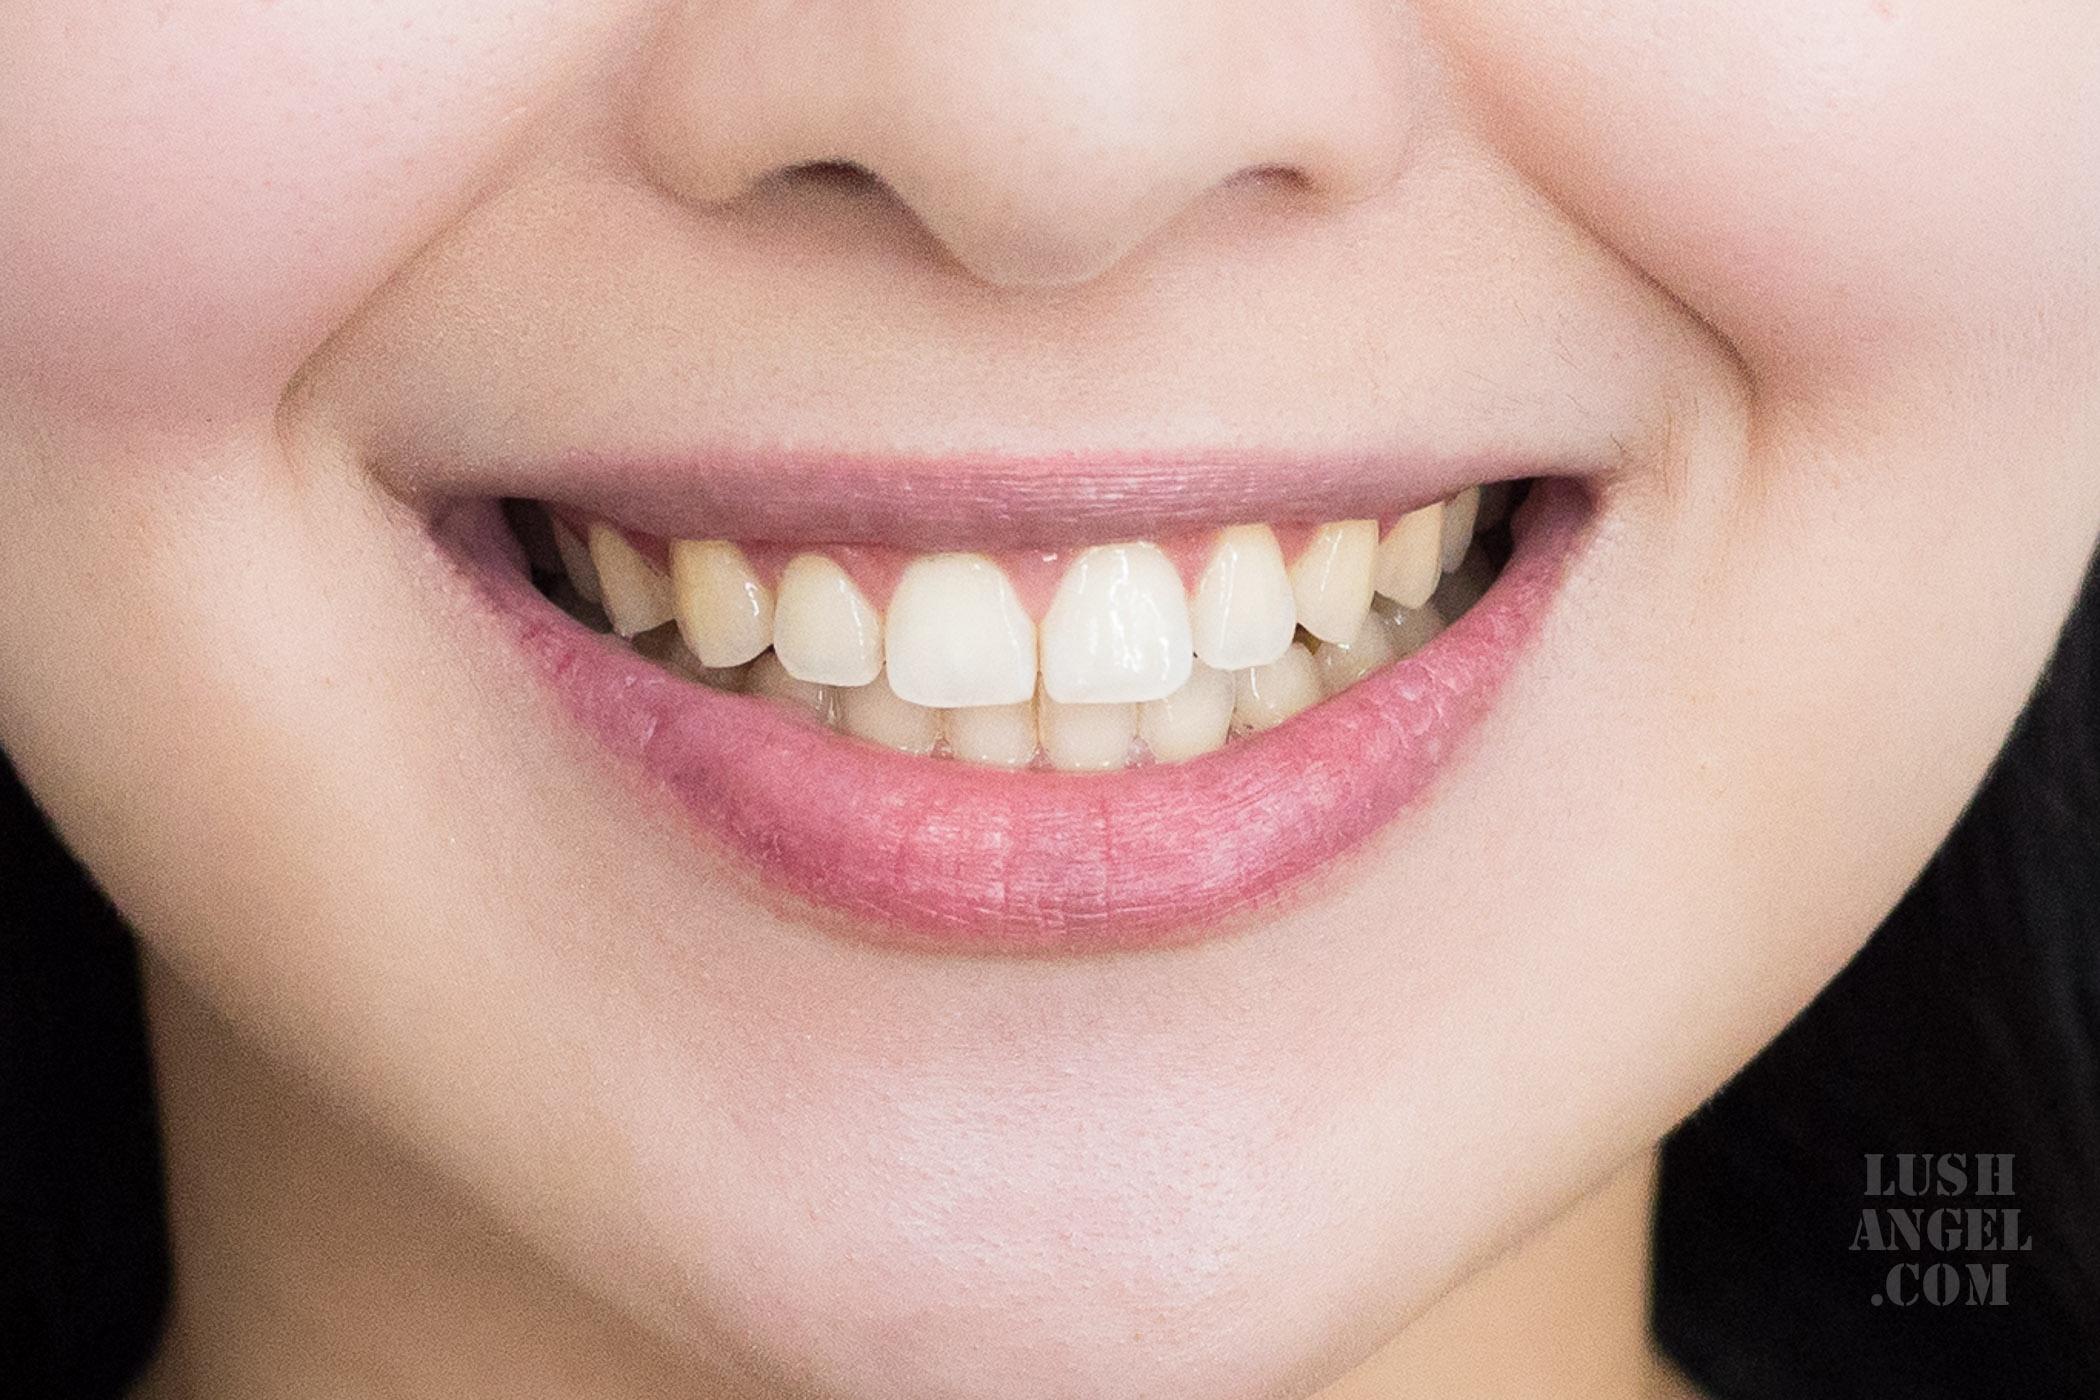 teeth-bleaching-review